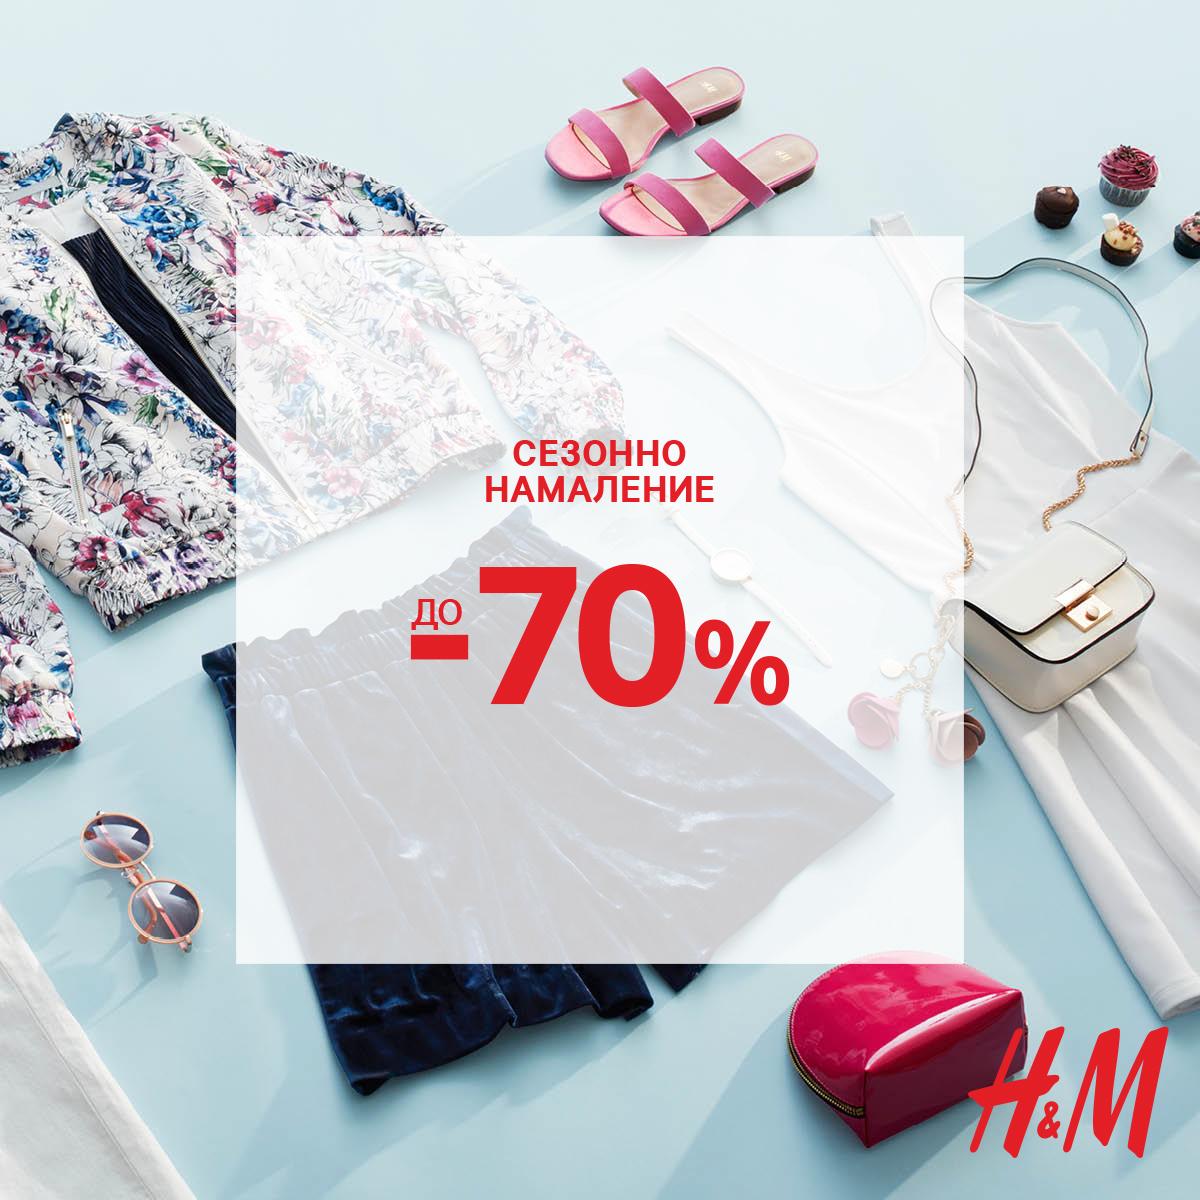 H&M Mid Season Sale